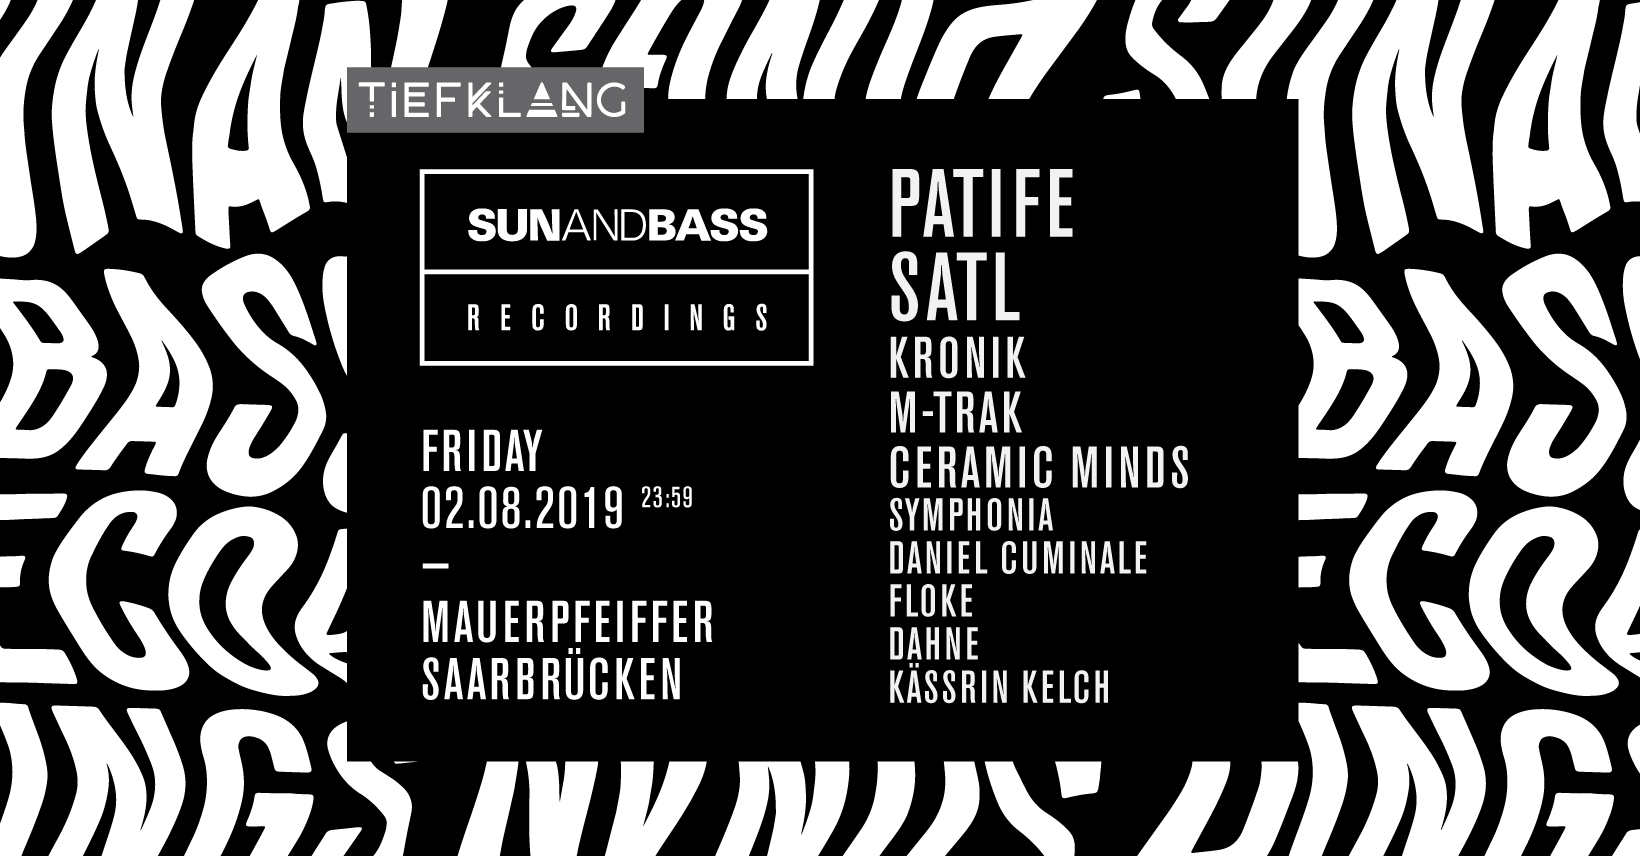 Tiefklang präs.: Sunandbass Rec. Night mit Patife & Satl